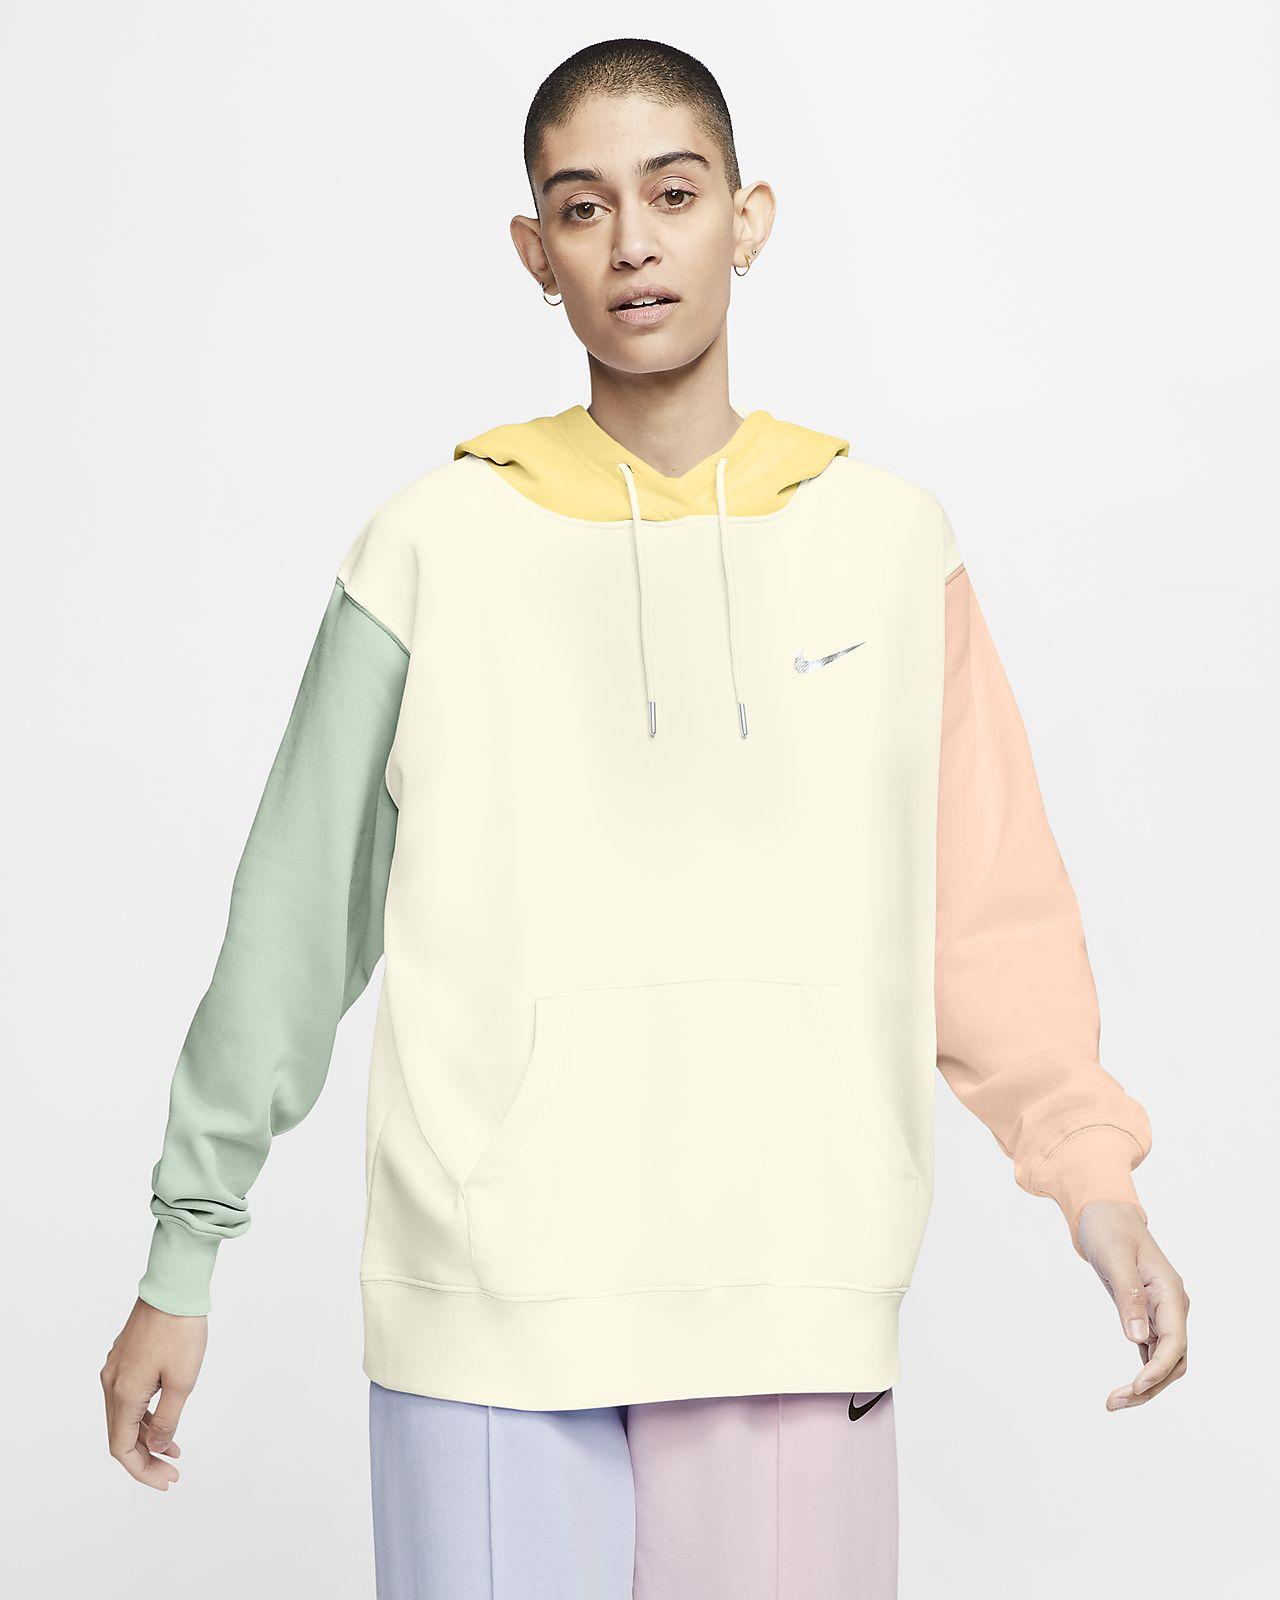 Nike Sportswear Swoosh Kadın Kapüşonlu Sweatshirt'ü